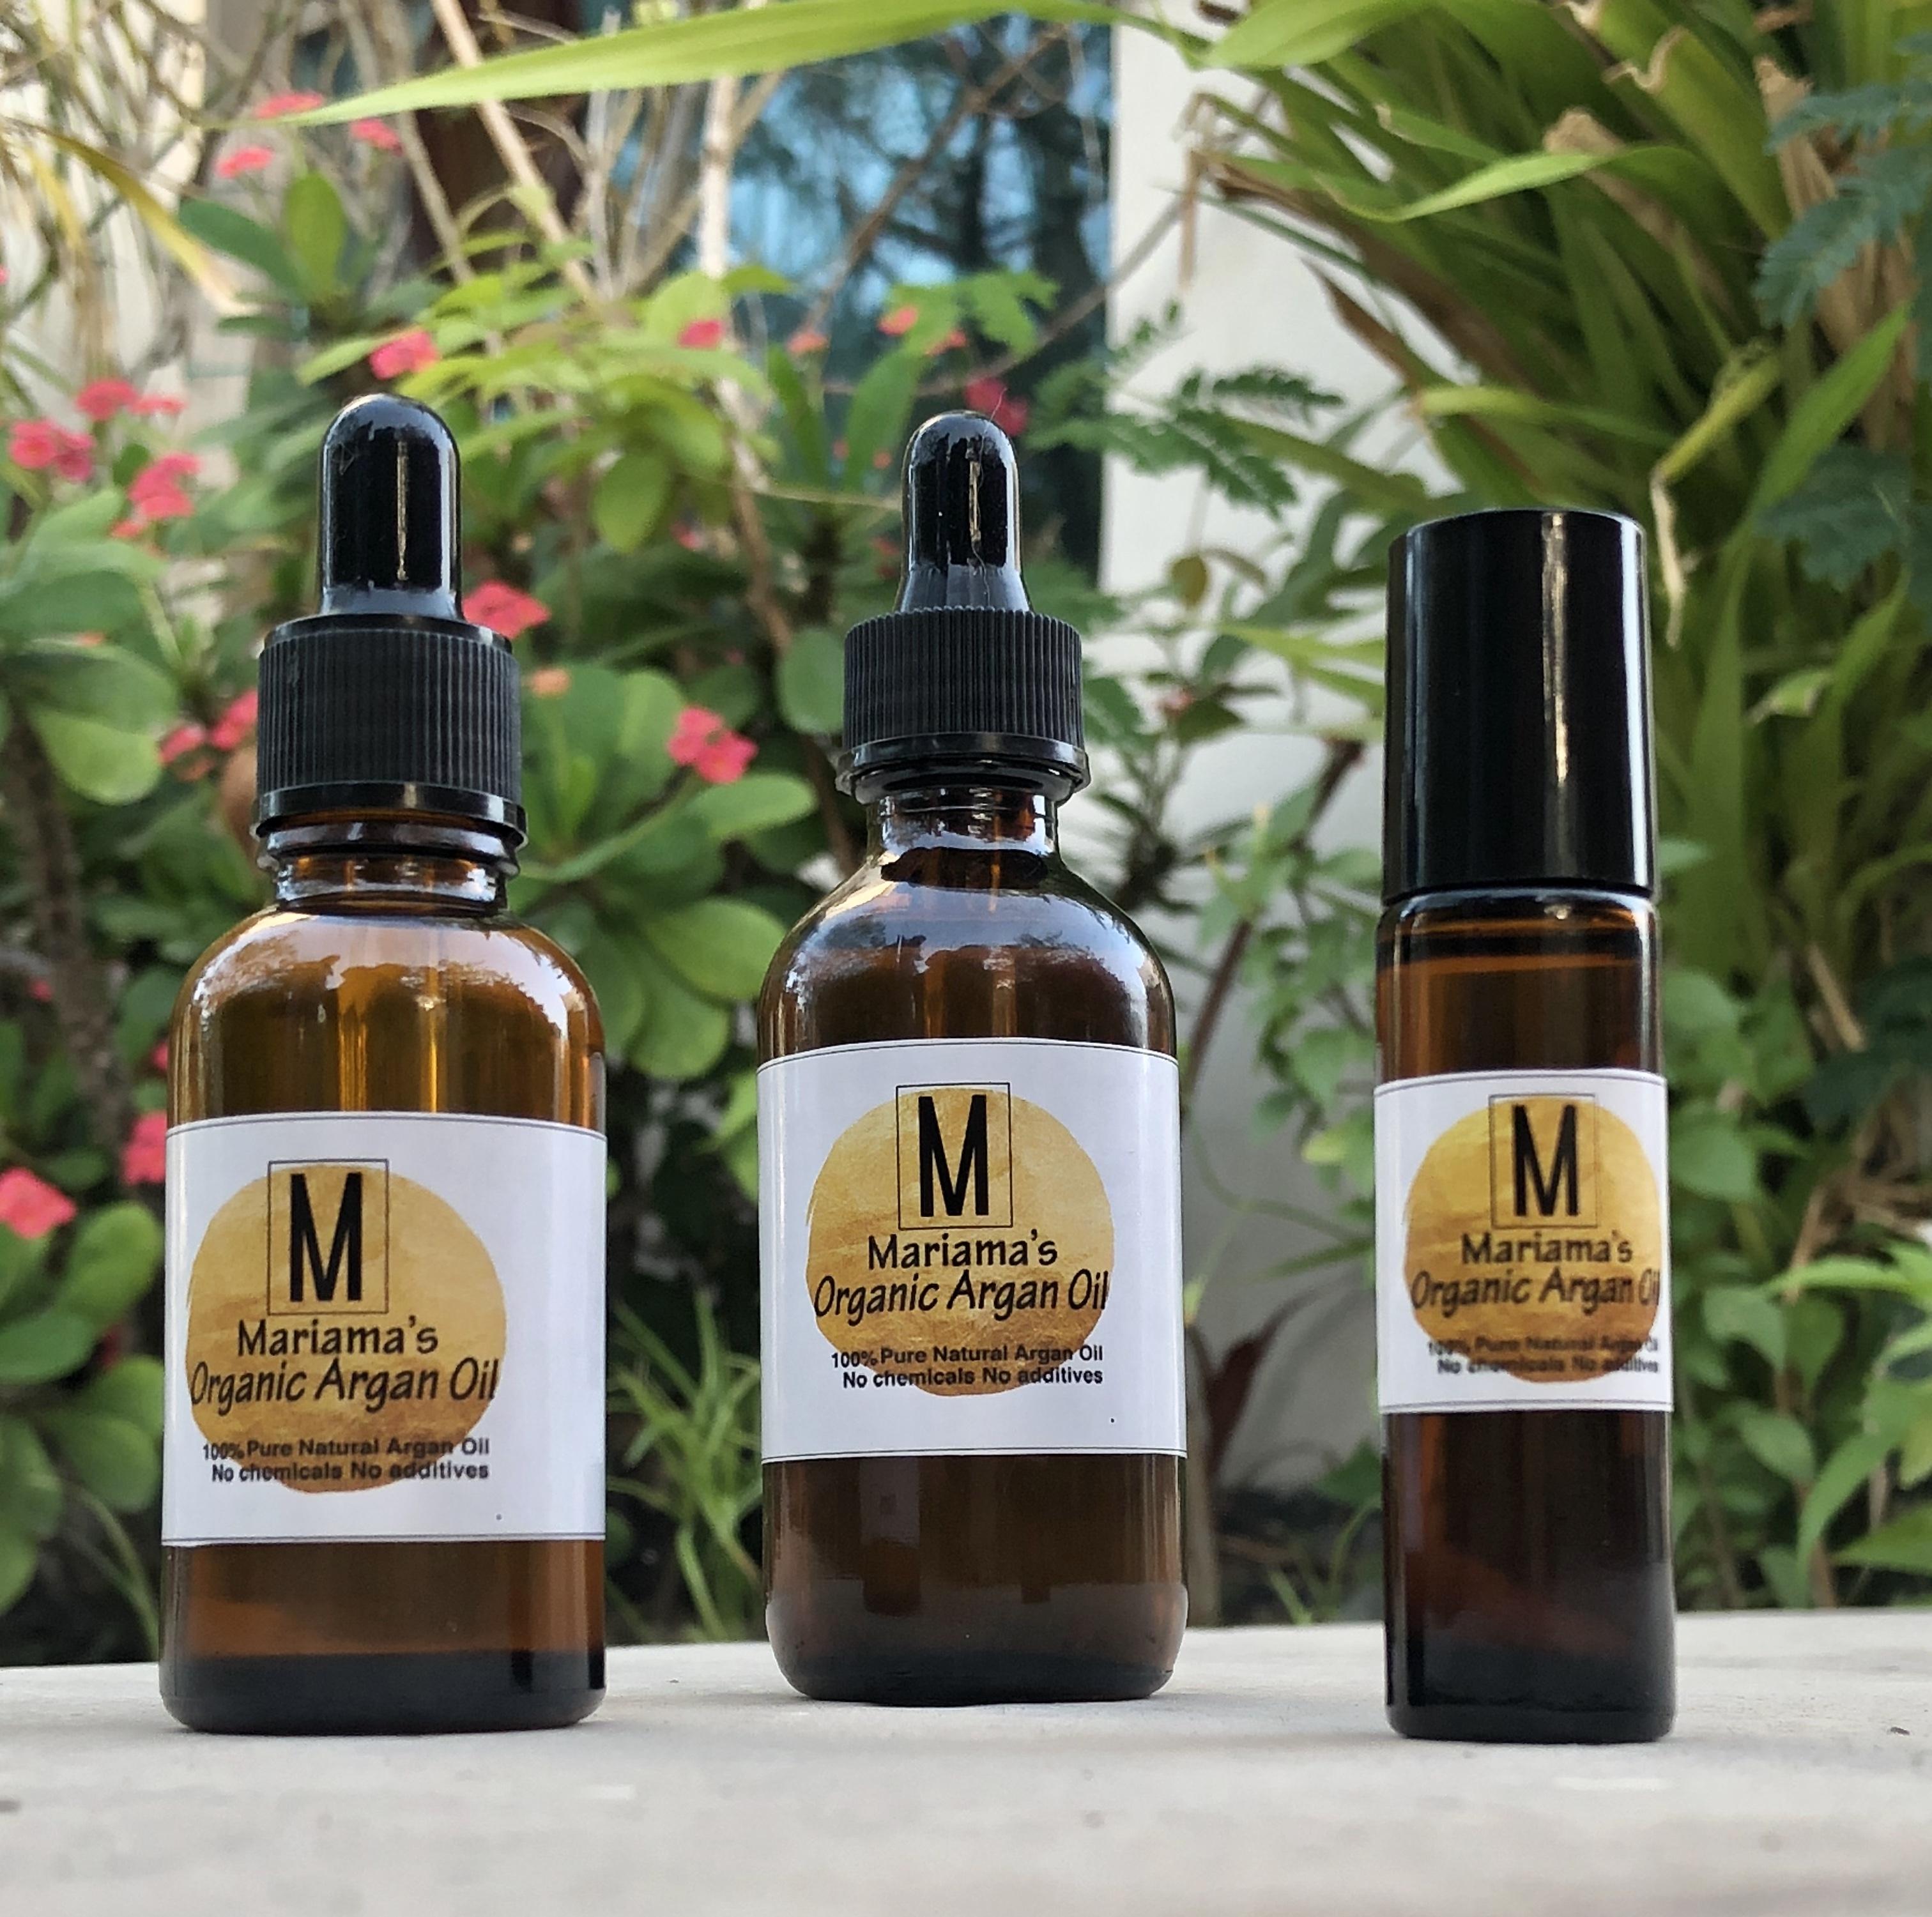 Mariama's Organic Argan Oil